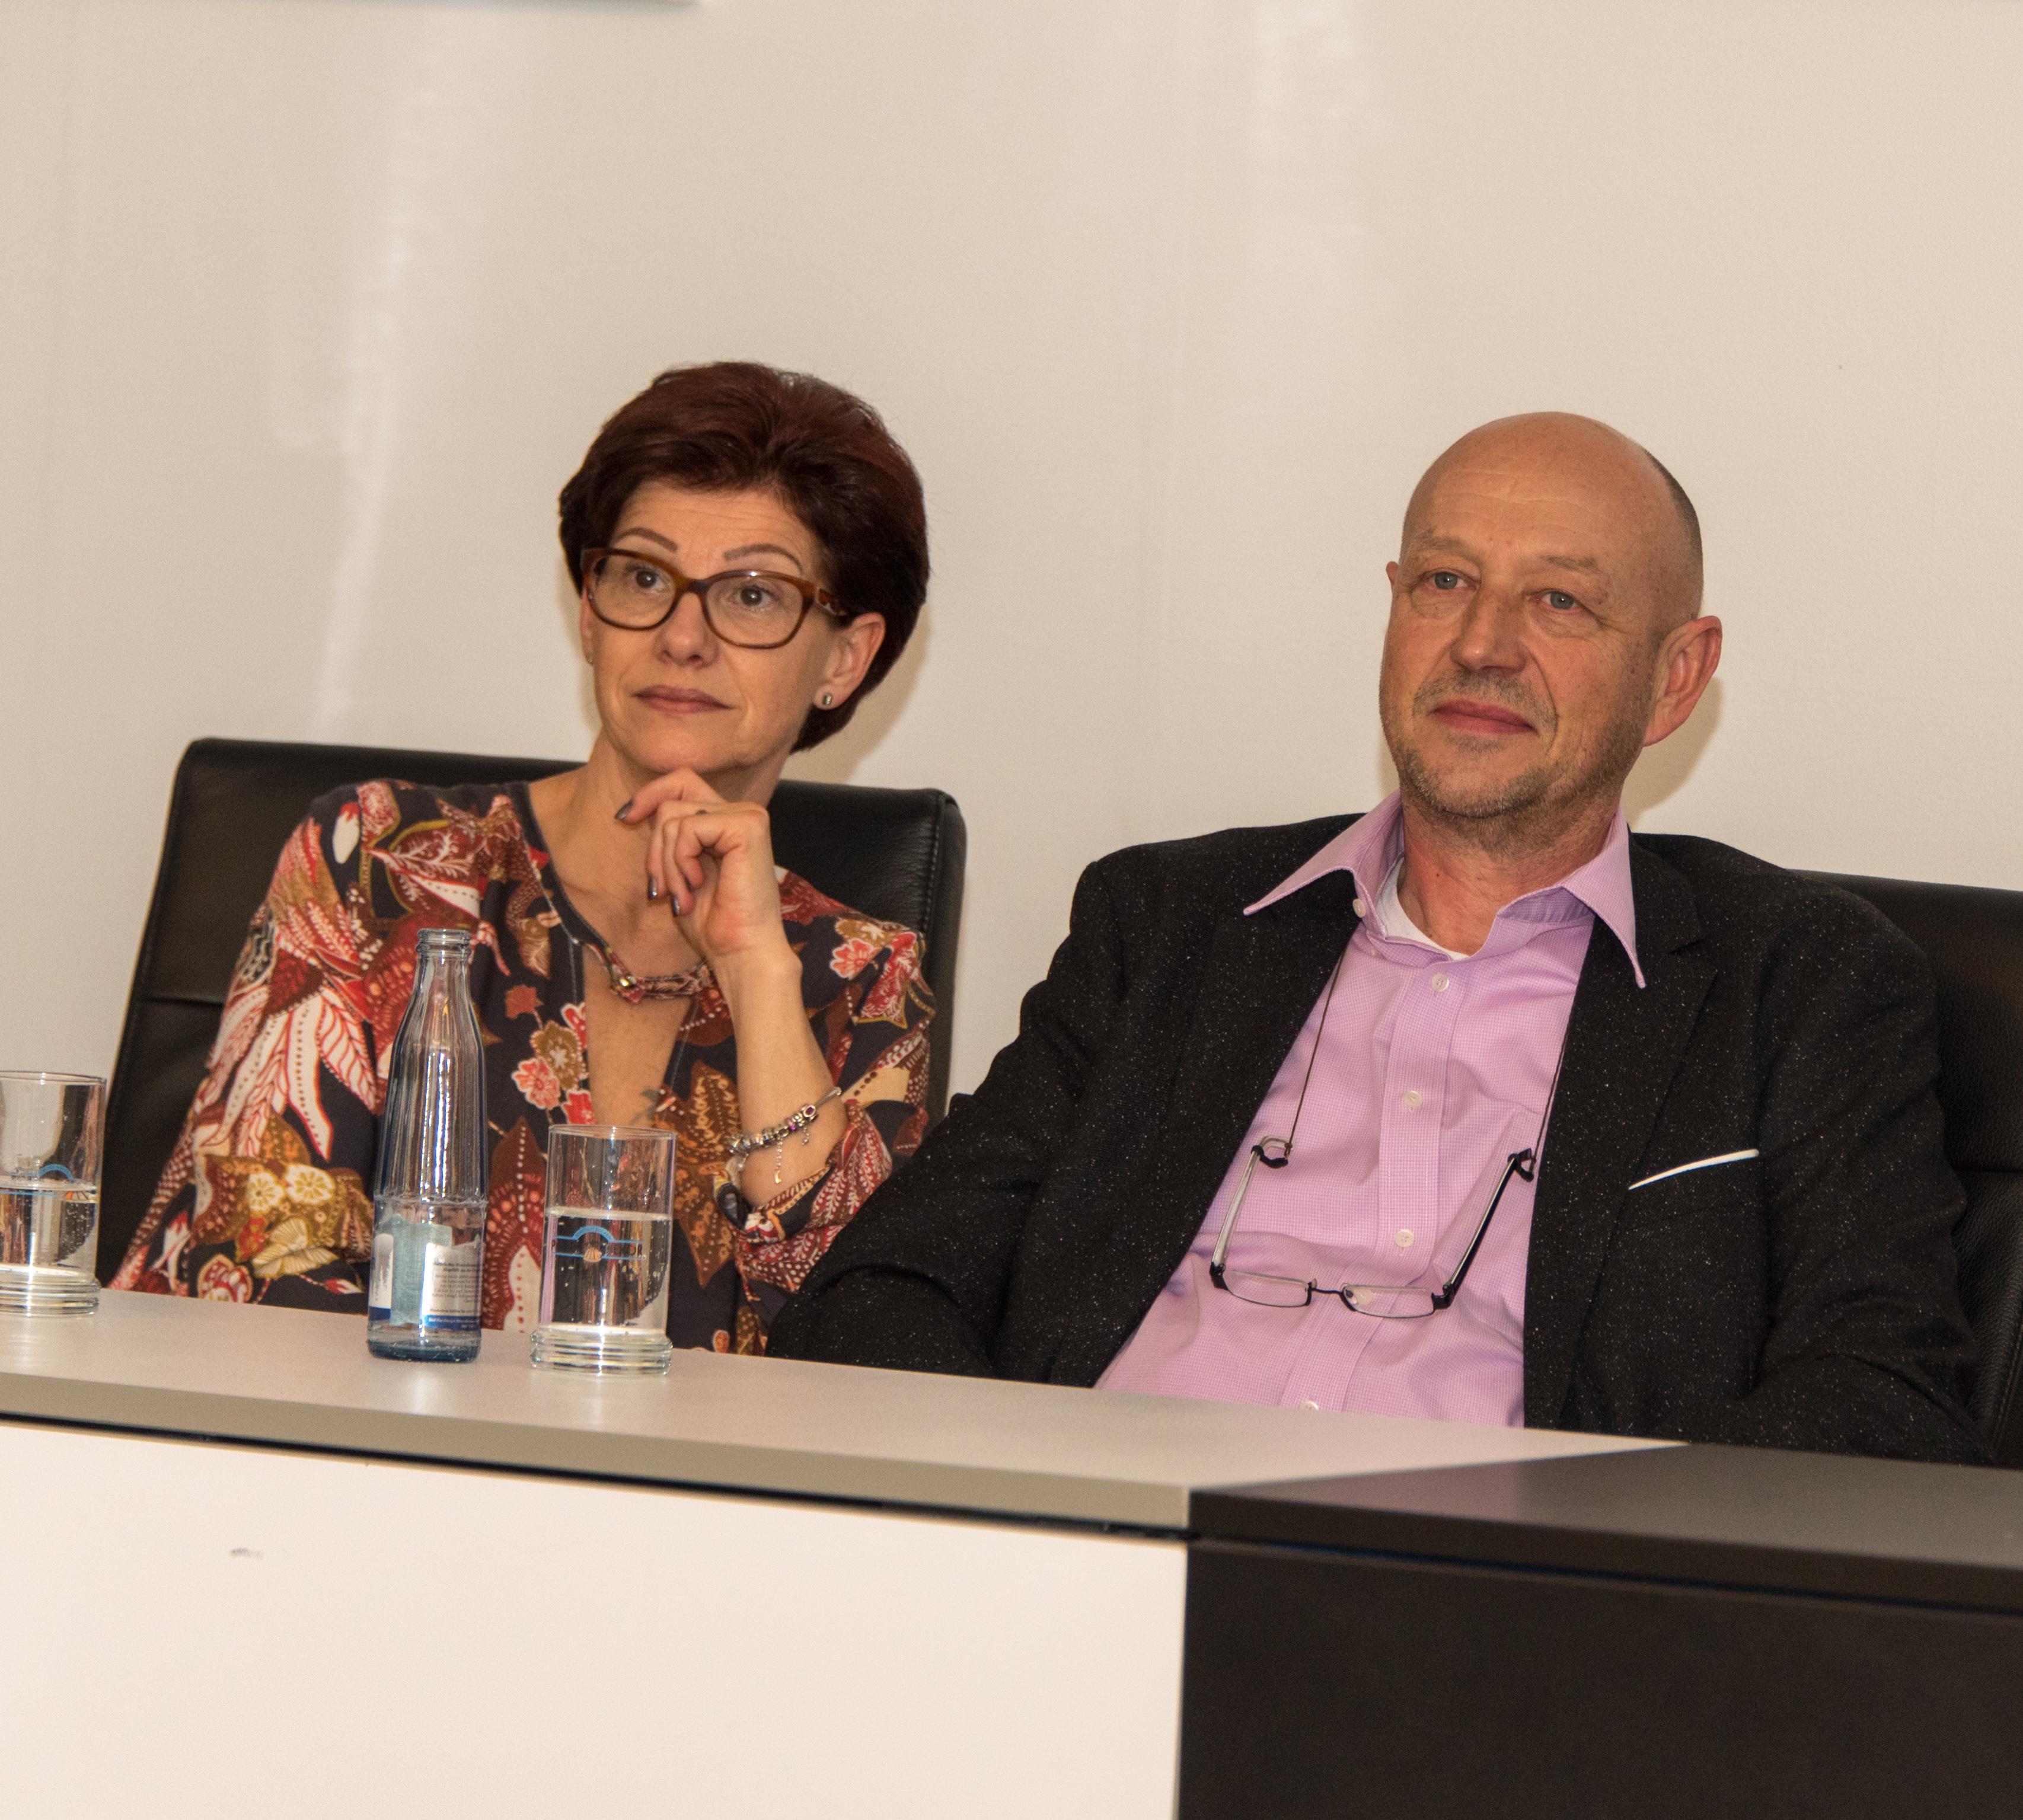 Petra und Rolf Gehle